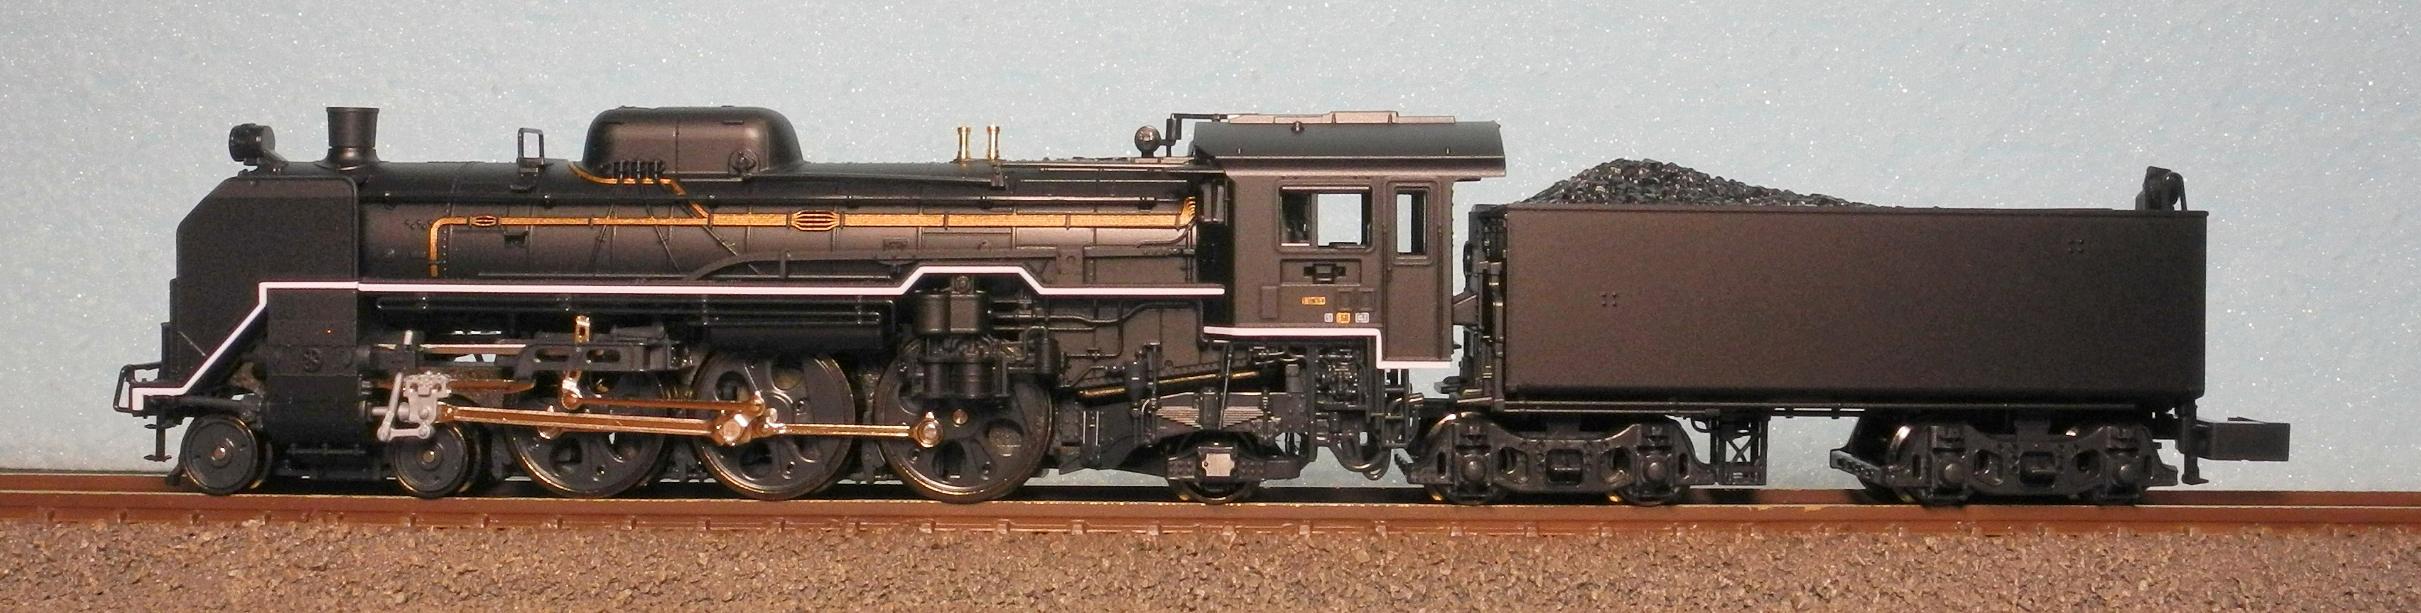 DSCN5855-1.jpg